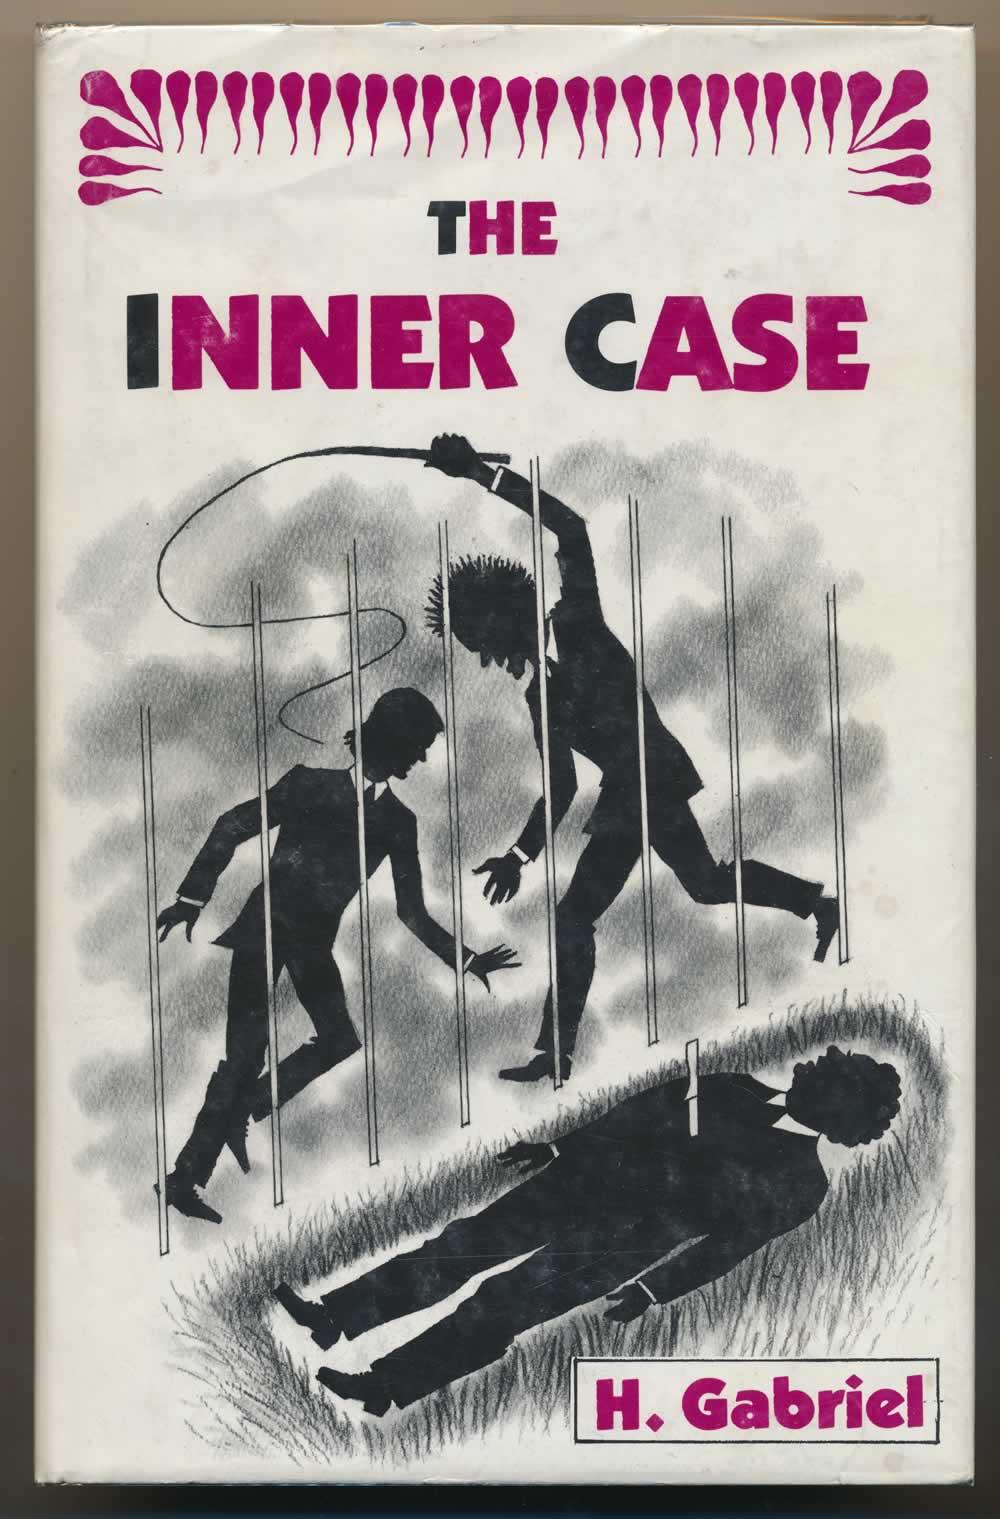 The inner case